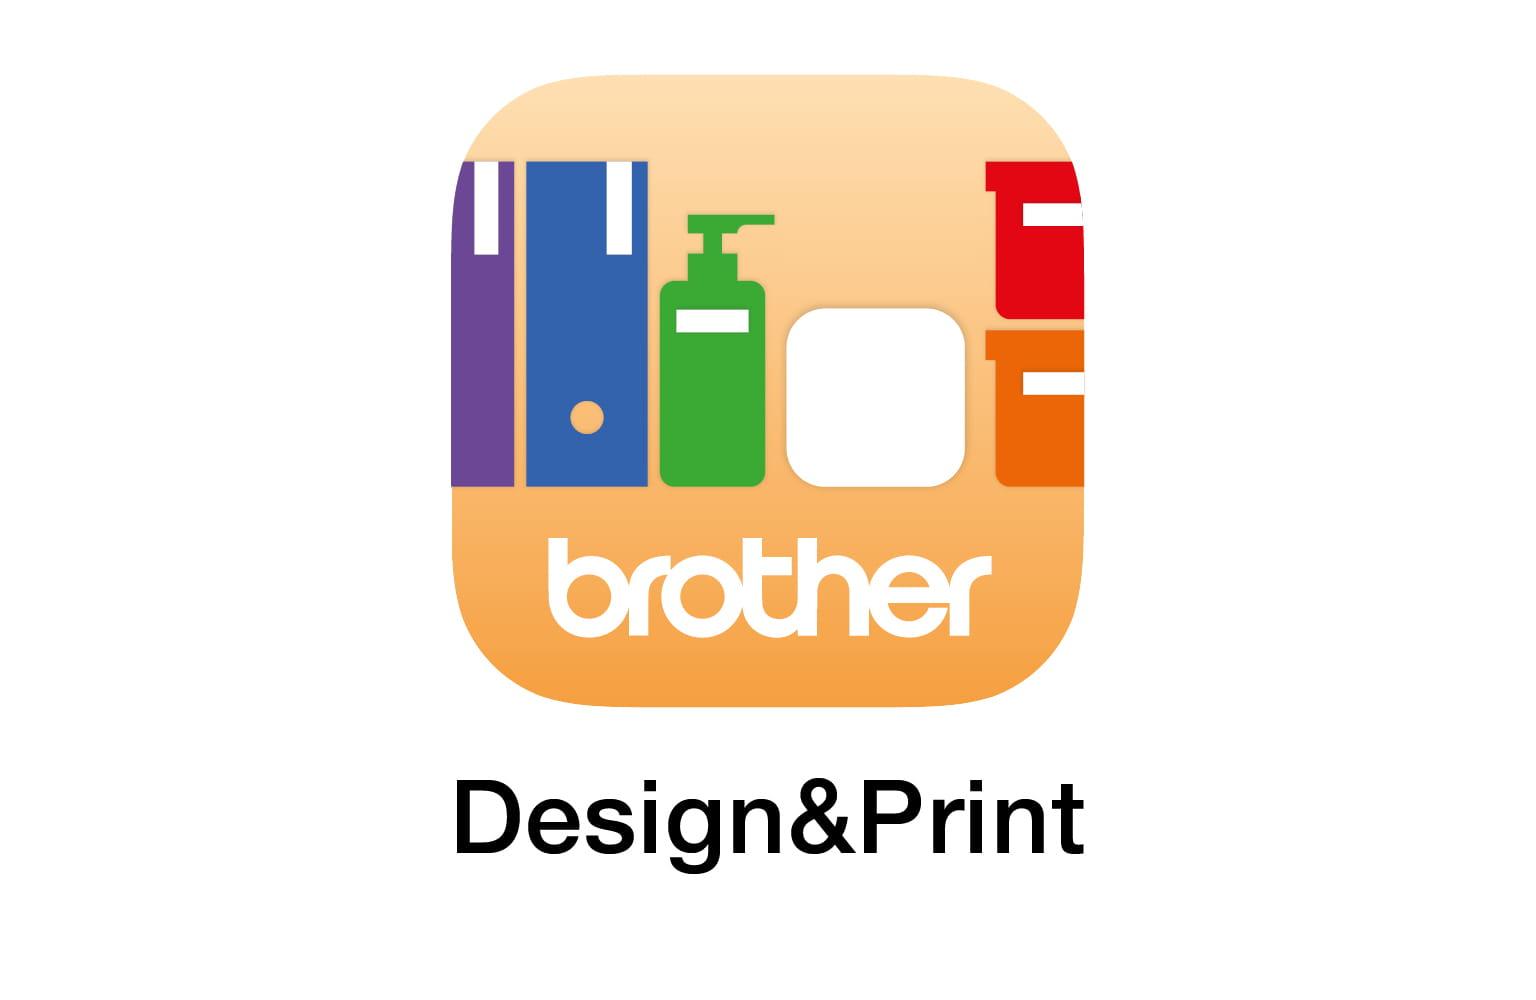 PT-P300BT_campaign_Design-Print-app_image_str1536x1152px